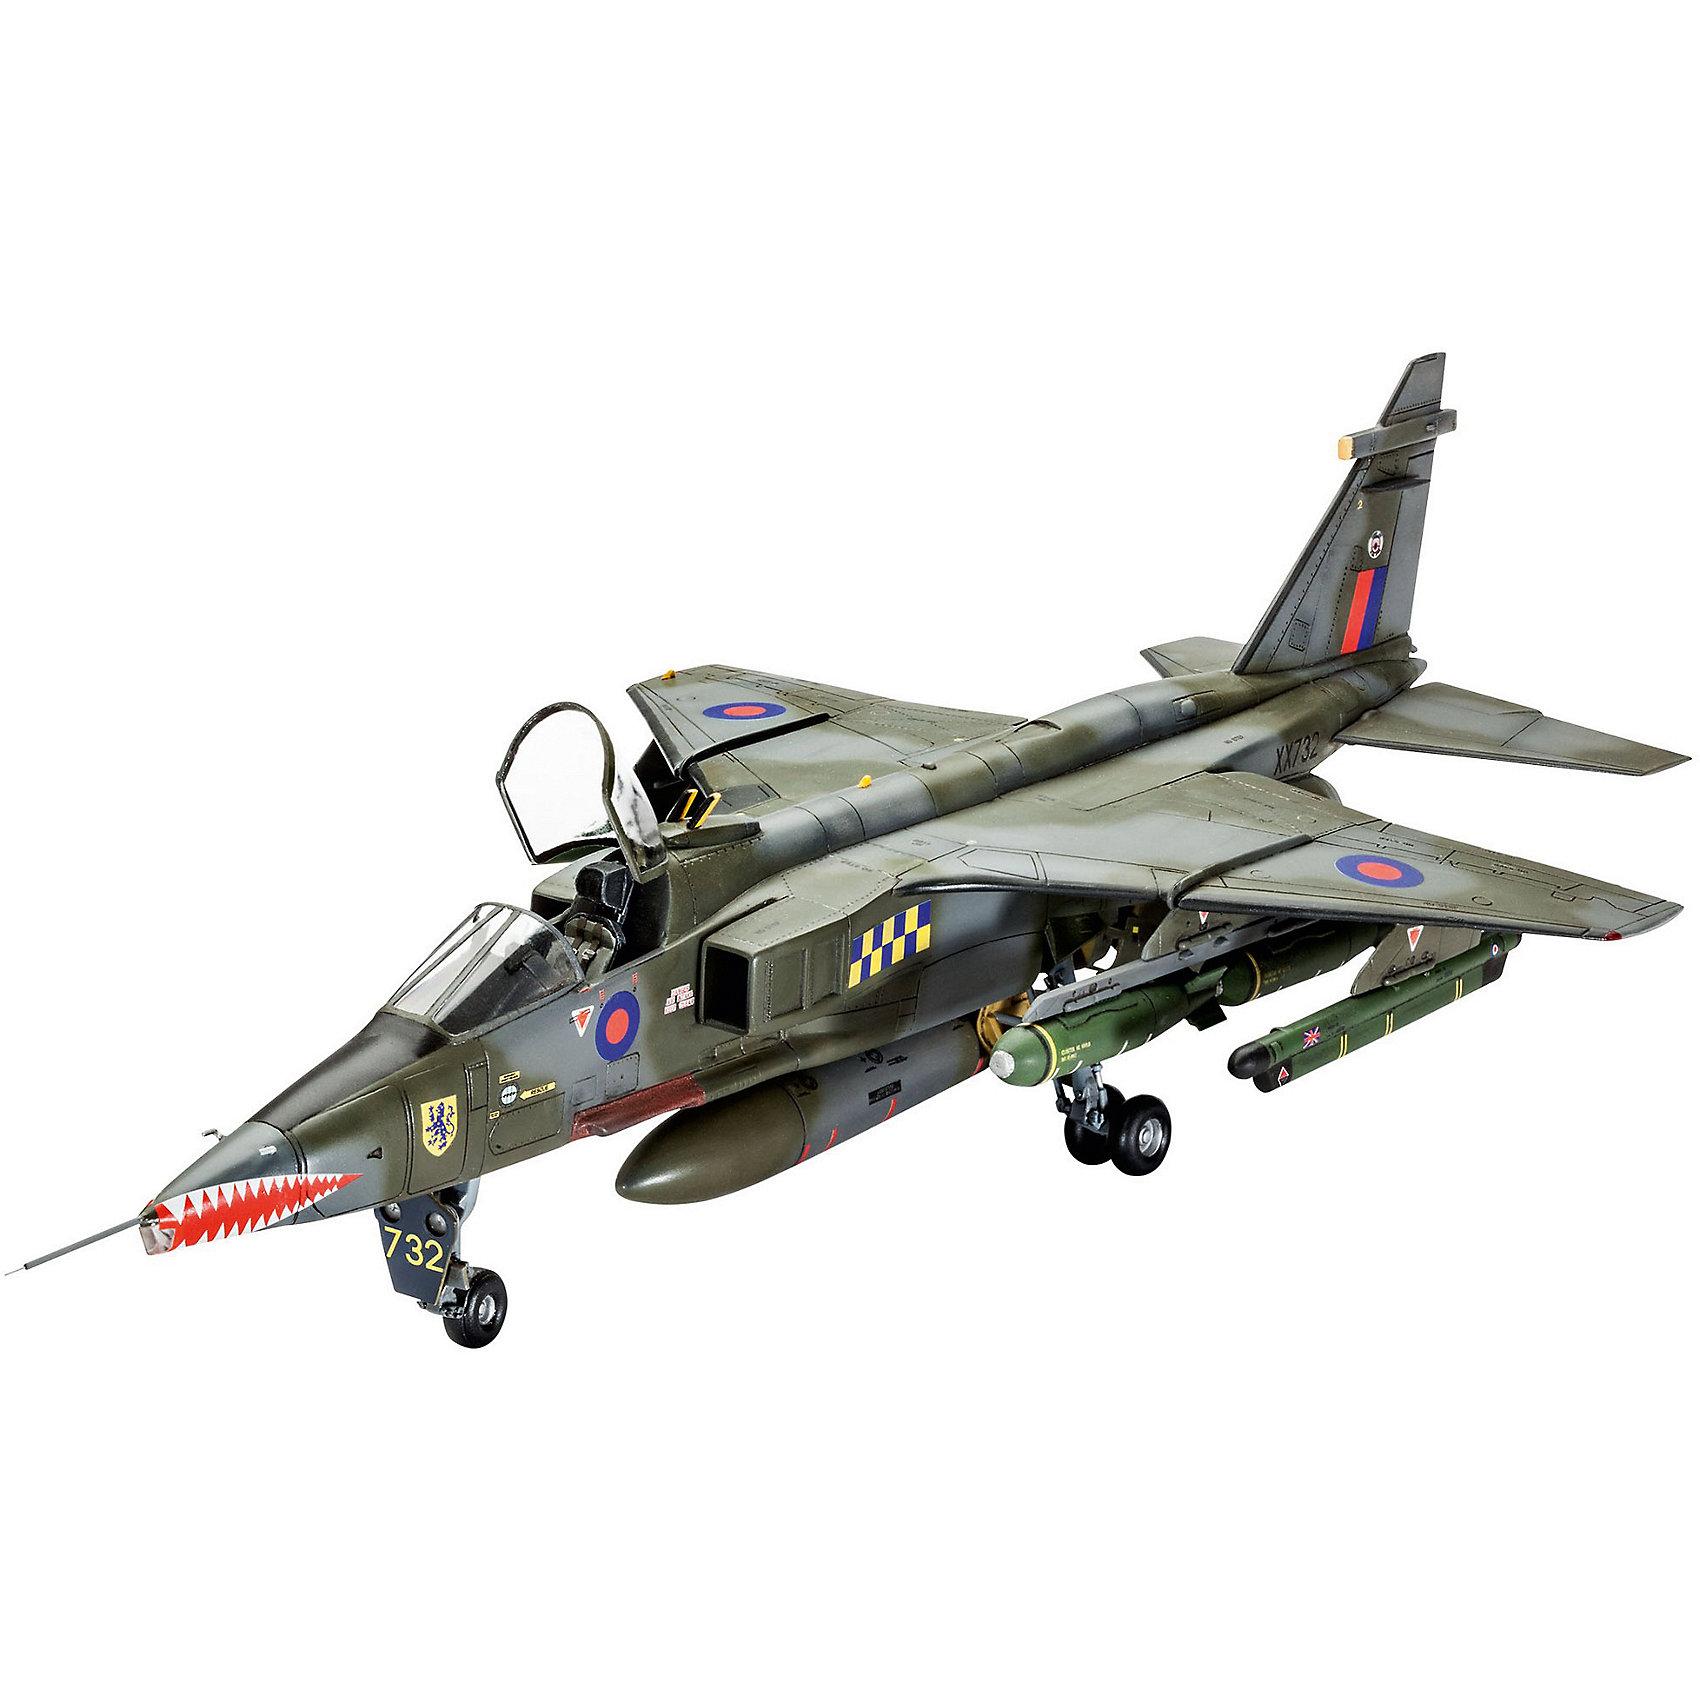 Истребитель-бомбардировщик Sepecat JAGUAR GR.1A ВВС ВеликобританииМодели для склеивания<br>Сборная модель штурмовика SEPECAT Jaguar GR., состоявшего на вооружении ВВС Великобритании. Самолет использовался британскими пилотами с 1973 вплоть до 2007 года <br>Детали самолета изготовлены из пластика. Их необходимо самостоятельно собрать. Для этого рекомендуется использовать клей для пластика. После этого модель необходимо будет покрасить. Для этой цели лучше использовать акриловую или эмалевую краску Ревелл. Все расходные материалы и инструменты приобретаются отдельно. В набор они не входят. <br>Масштаб модели 1/48 <br>Длина модели в собранном виде: 35 сантиметров <br>Размах крыльев: 18 сантиметров  <br>Количество деталей: 128 <br>Декали для самолетов: <br>- SEPECAT Jaguar GR.1, No.54 Squadron, Royal Air Force, Coltishall, England, Mach 1979 <br>- SEPECAT Jaguar GR.1A, No.41 Squadron, Royal Air Force, Coltishall, England, September 1987 <br>Модель рекомендуется для взрослых и детей в возрасте от 13 лет<br><br>Ширина мм: 9999<br>Глубина мм: 9999<br>Высота мм: 9999<br>Вес г: 9999<br>Возраст от месяцев: 156<br>Возраст до месяцев: 2147483647<br>Пол: Мужской<br>Возраст: Детский<br>SKU: 7122358